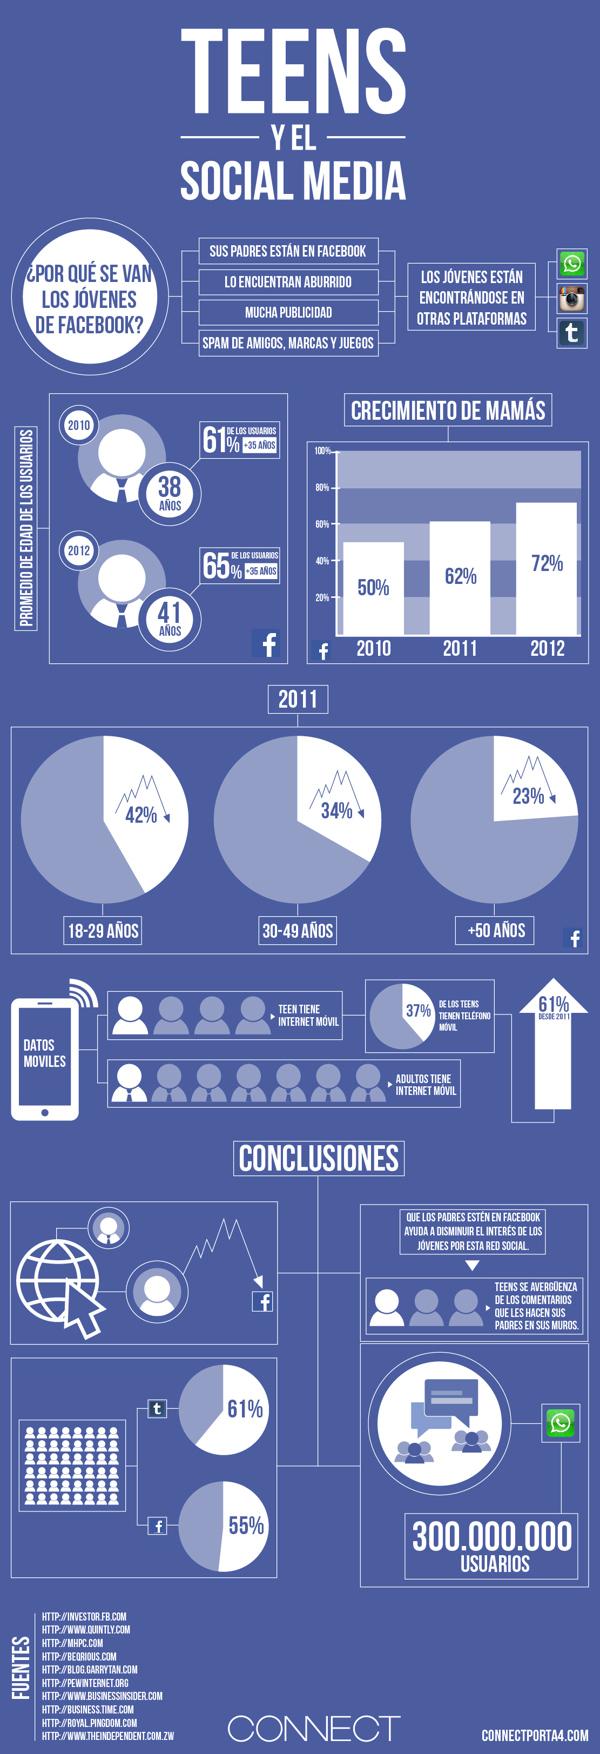 infografía sobre Adolescentes y Redes Sociales.